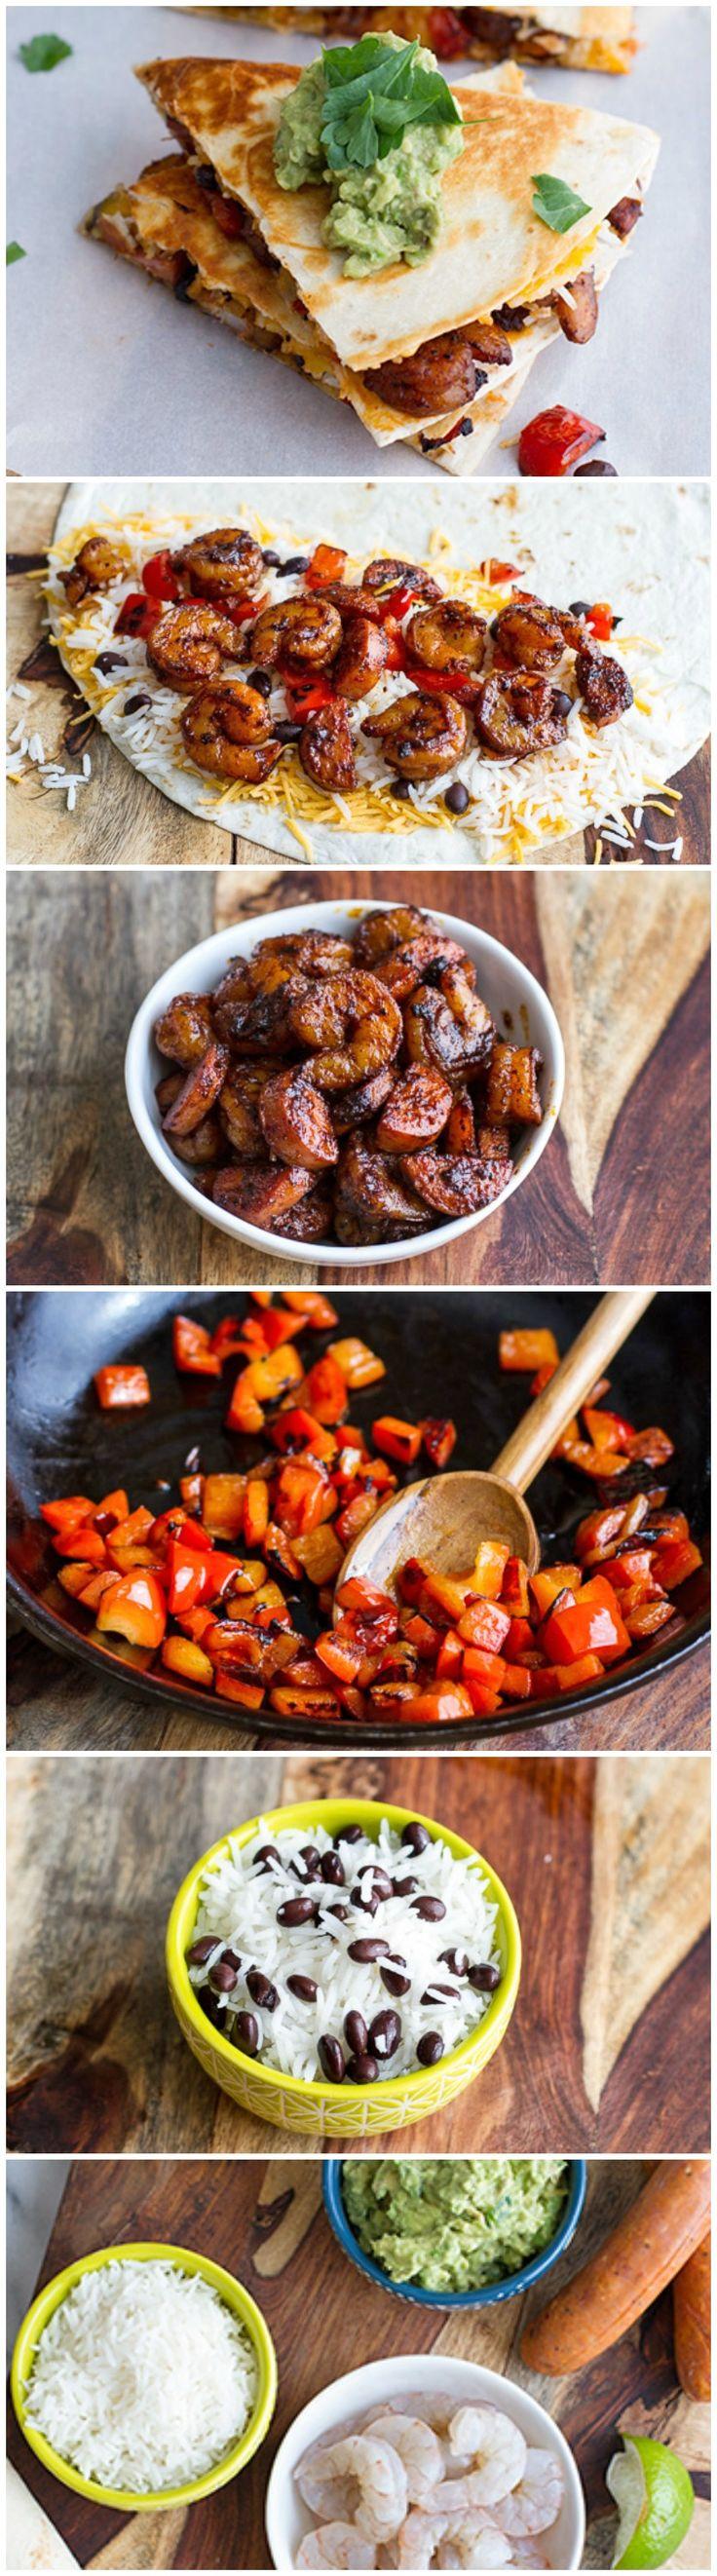 Spicy Cajun Shrimp Quesadillas